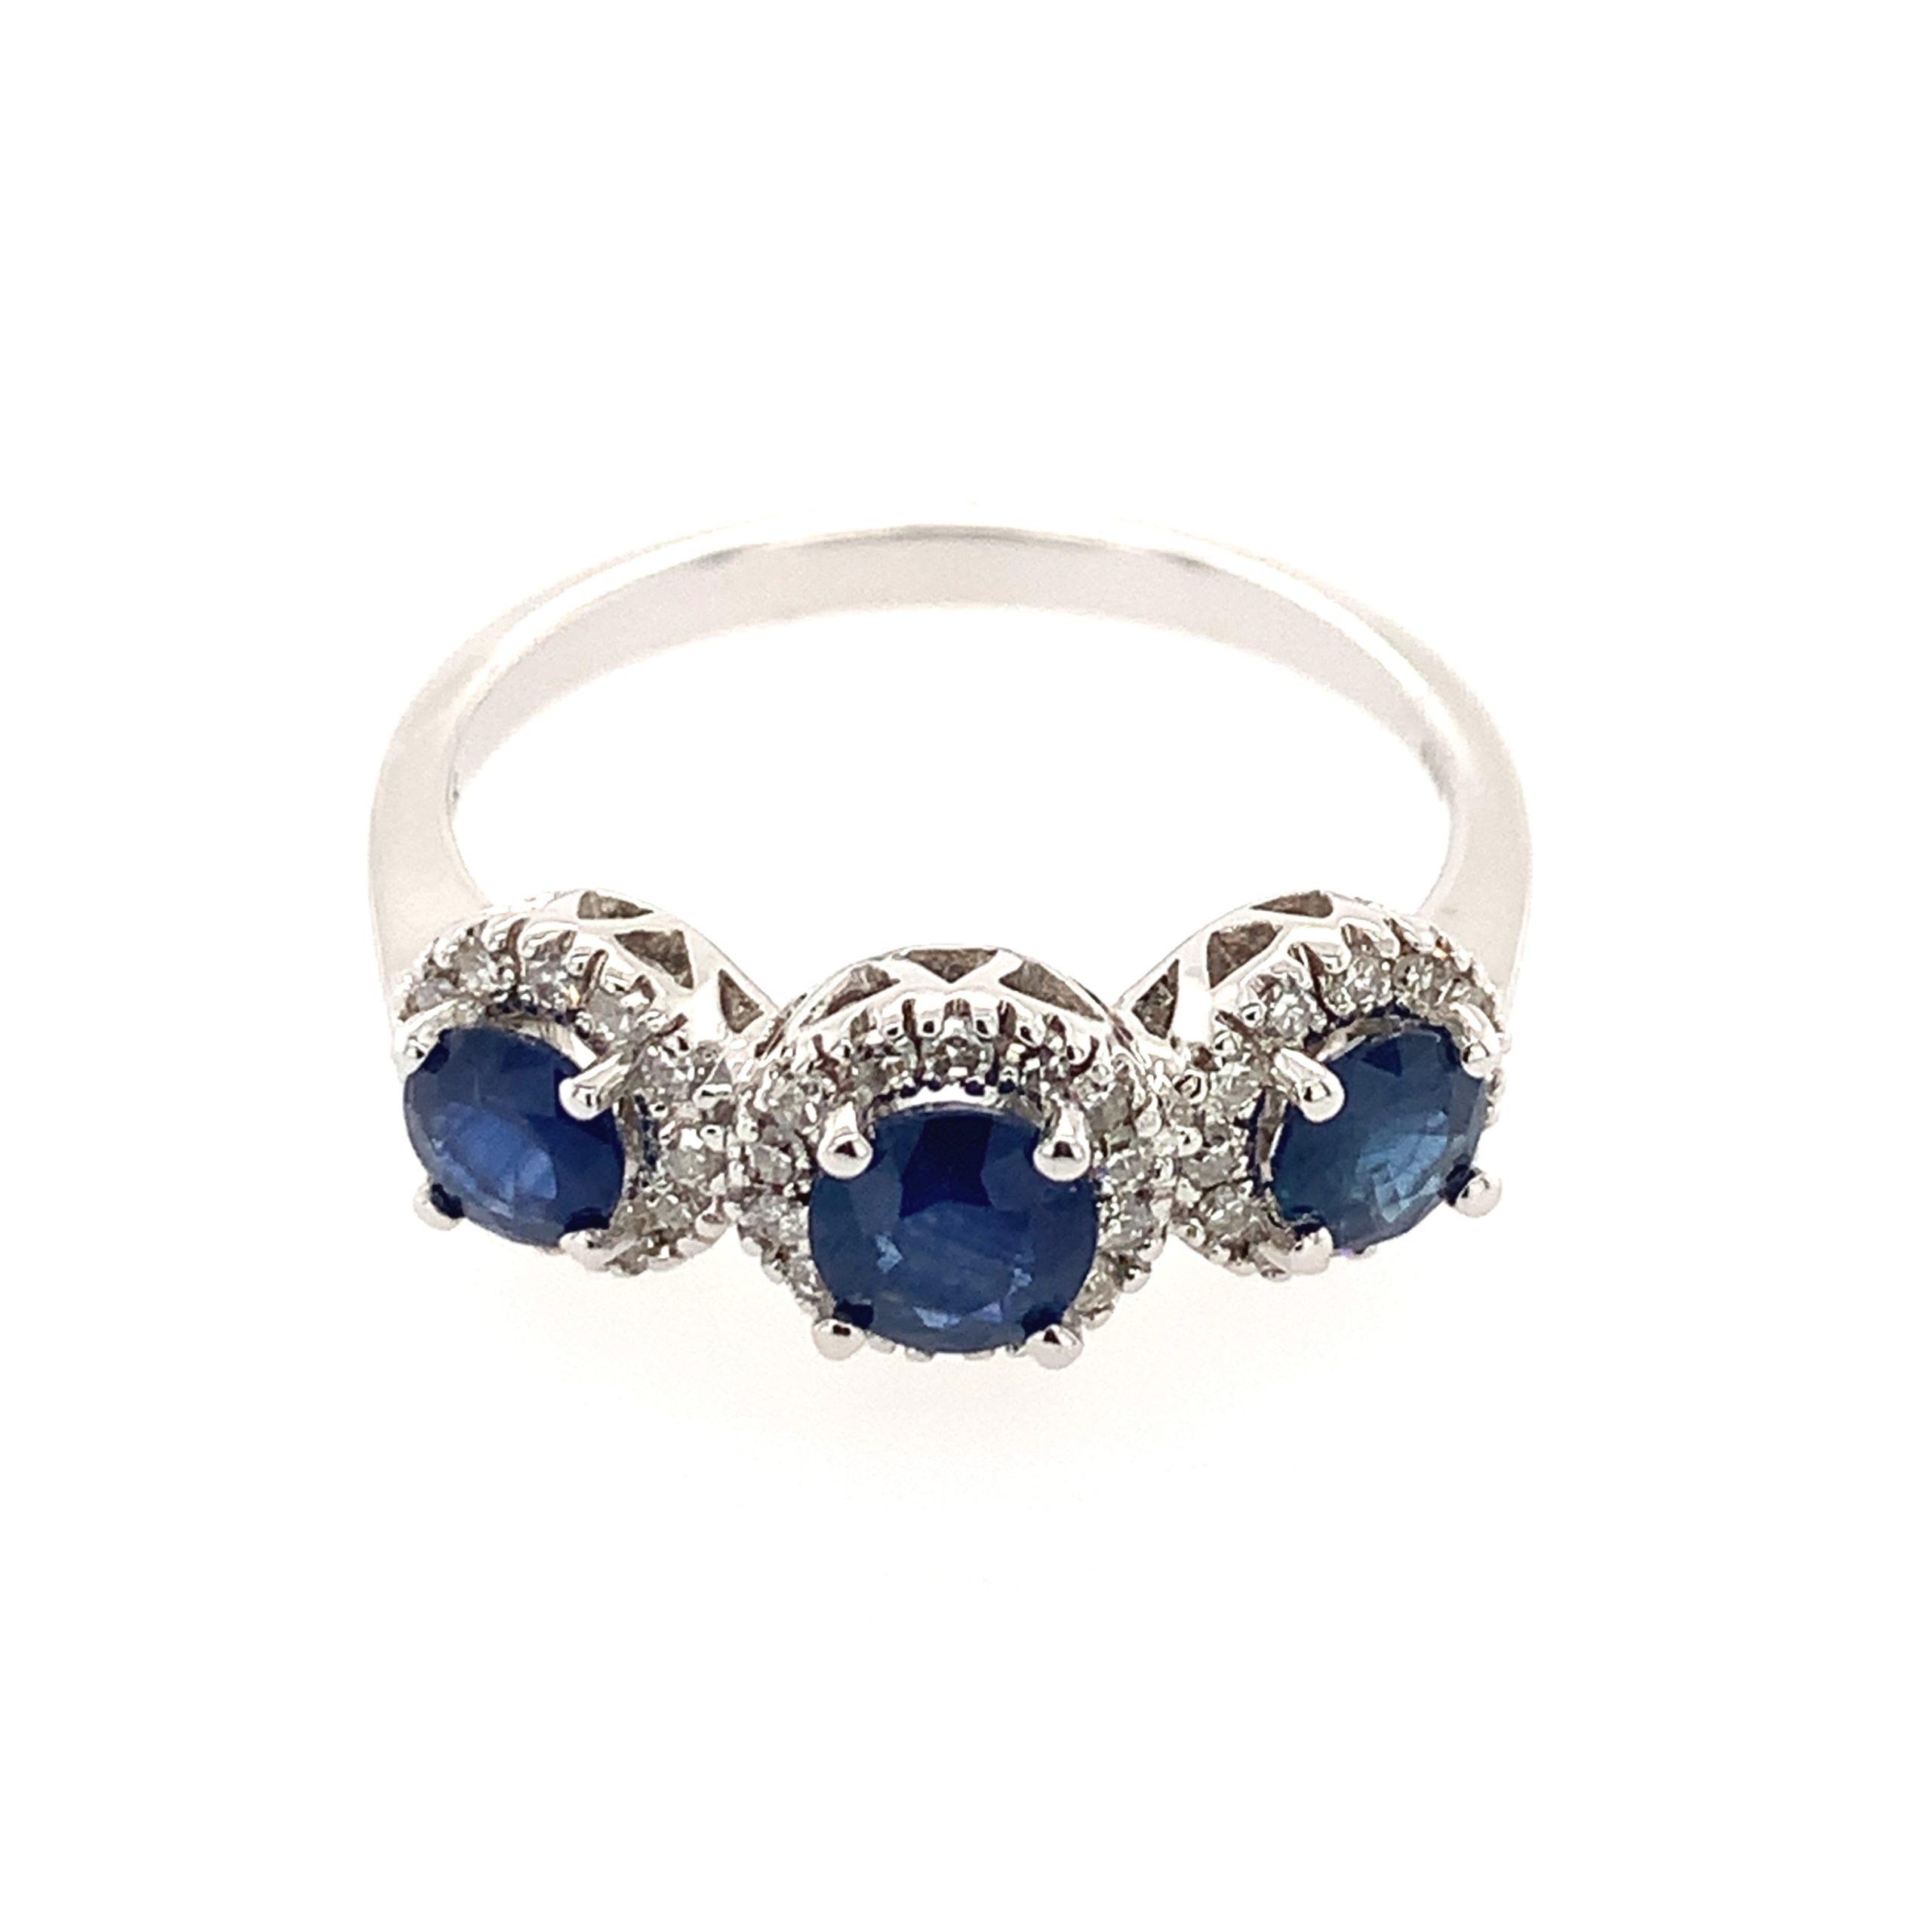 White Gold Three-Stone Sapphire Ring